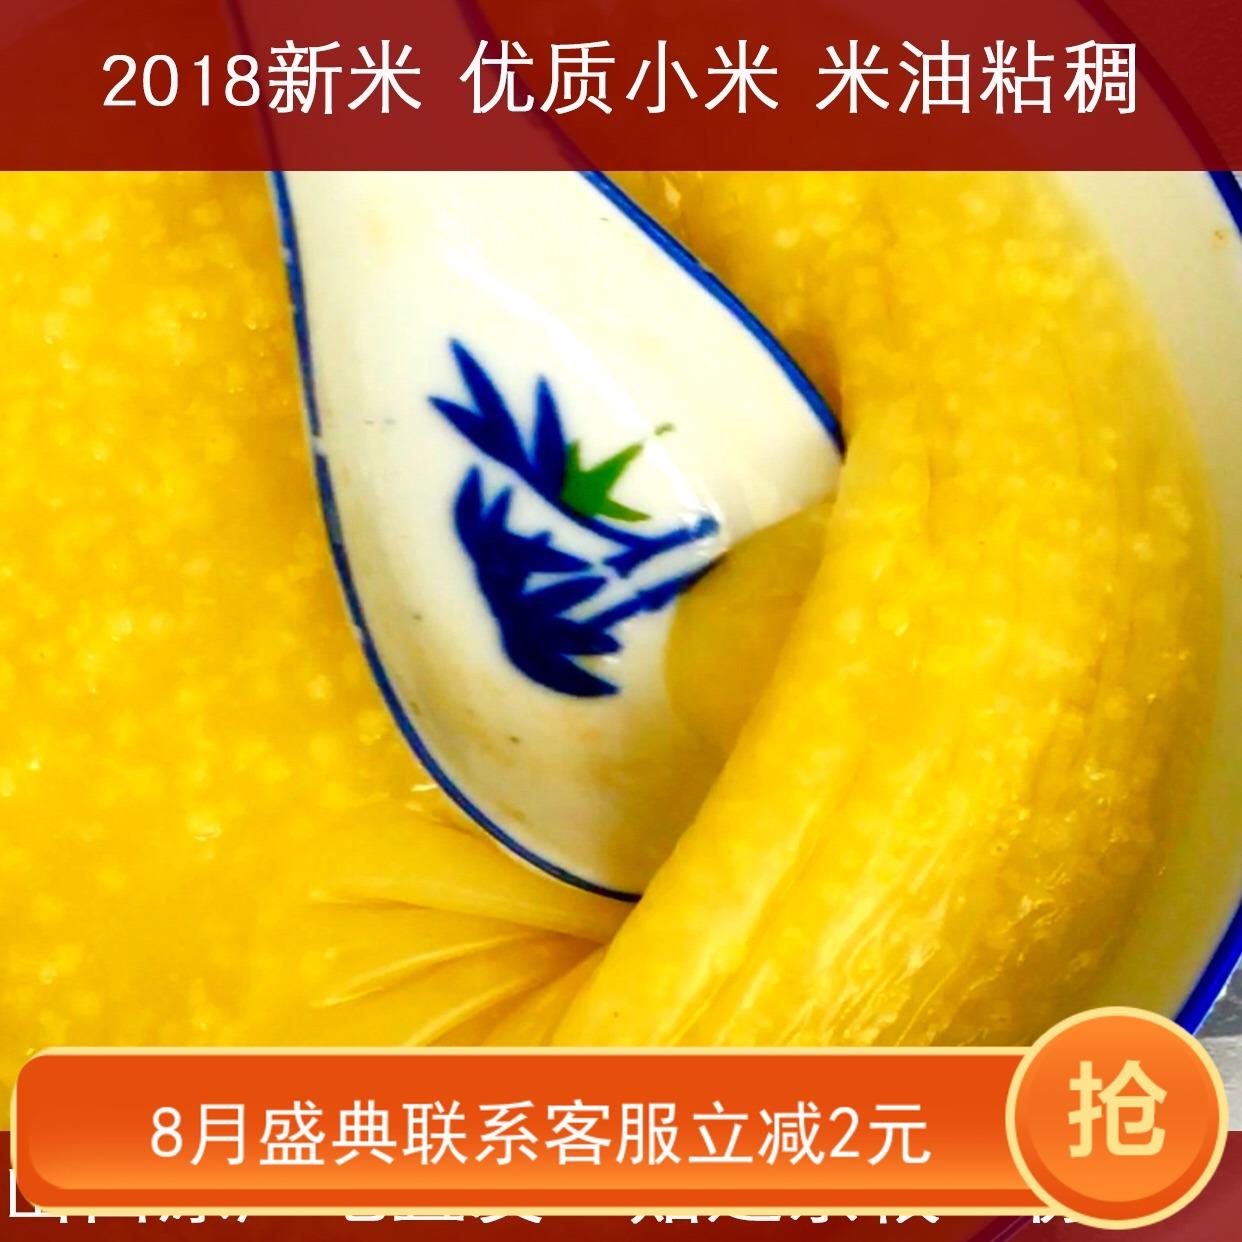 黄小米山西特产特级食用5斤小米12月02日最新优惠